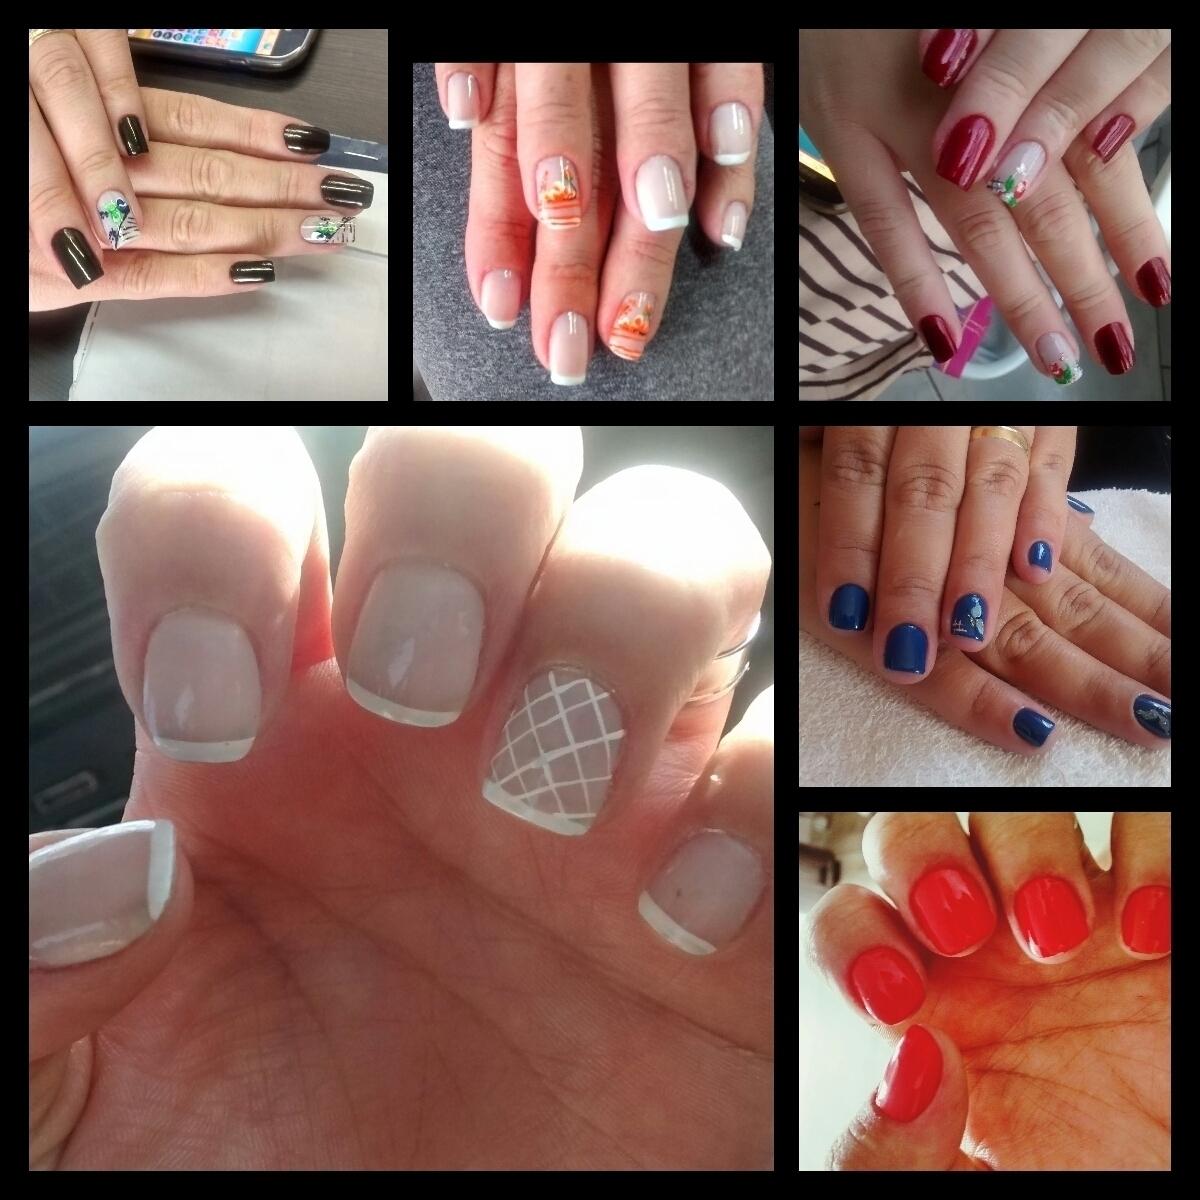 Unhas Foi feito com muita dedicação e fiz o melhor de mim !!! manicure e pedicure atendente